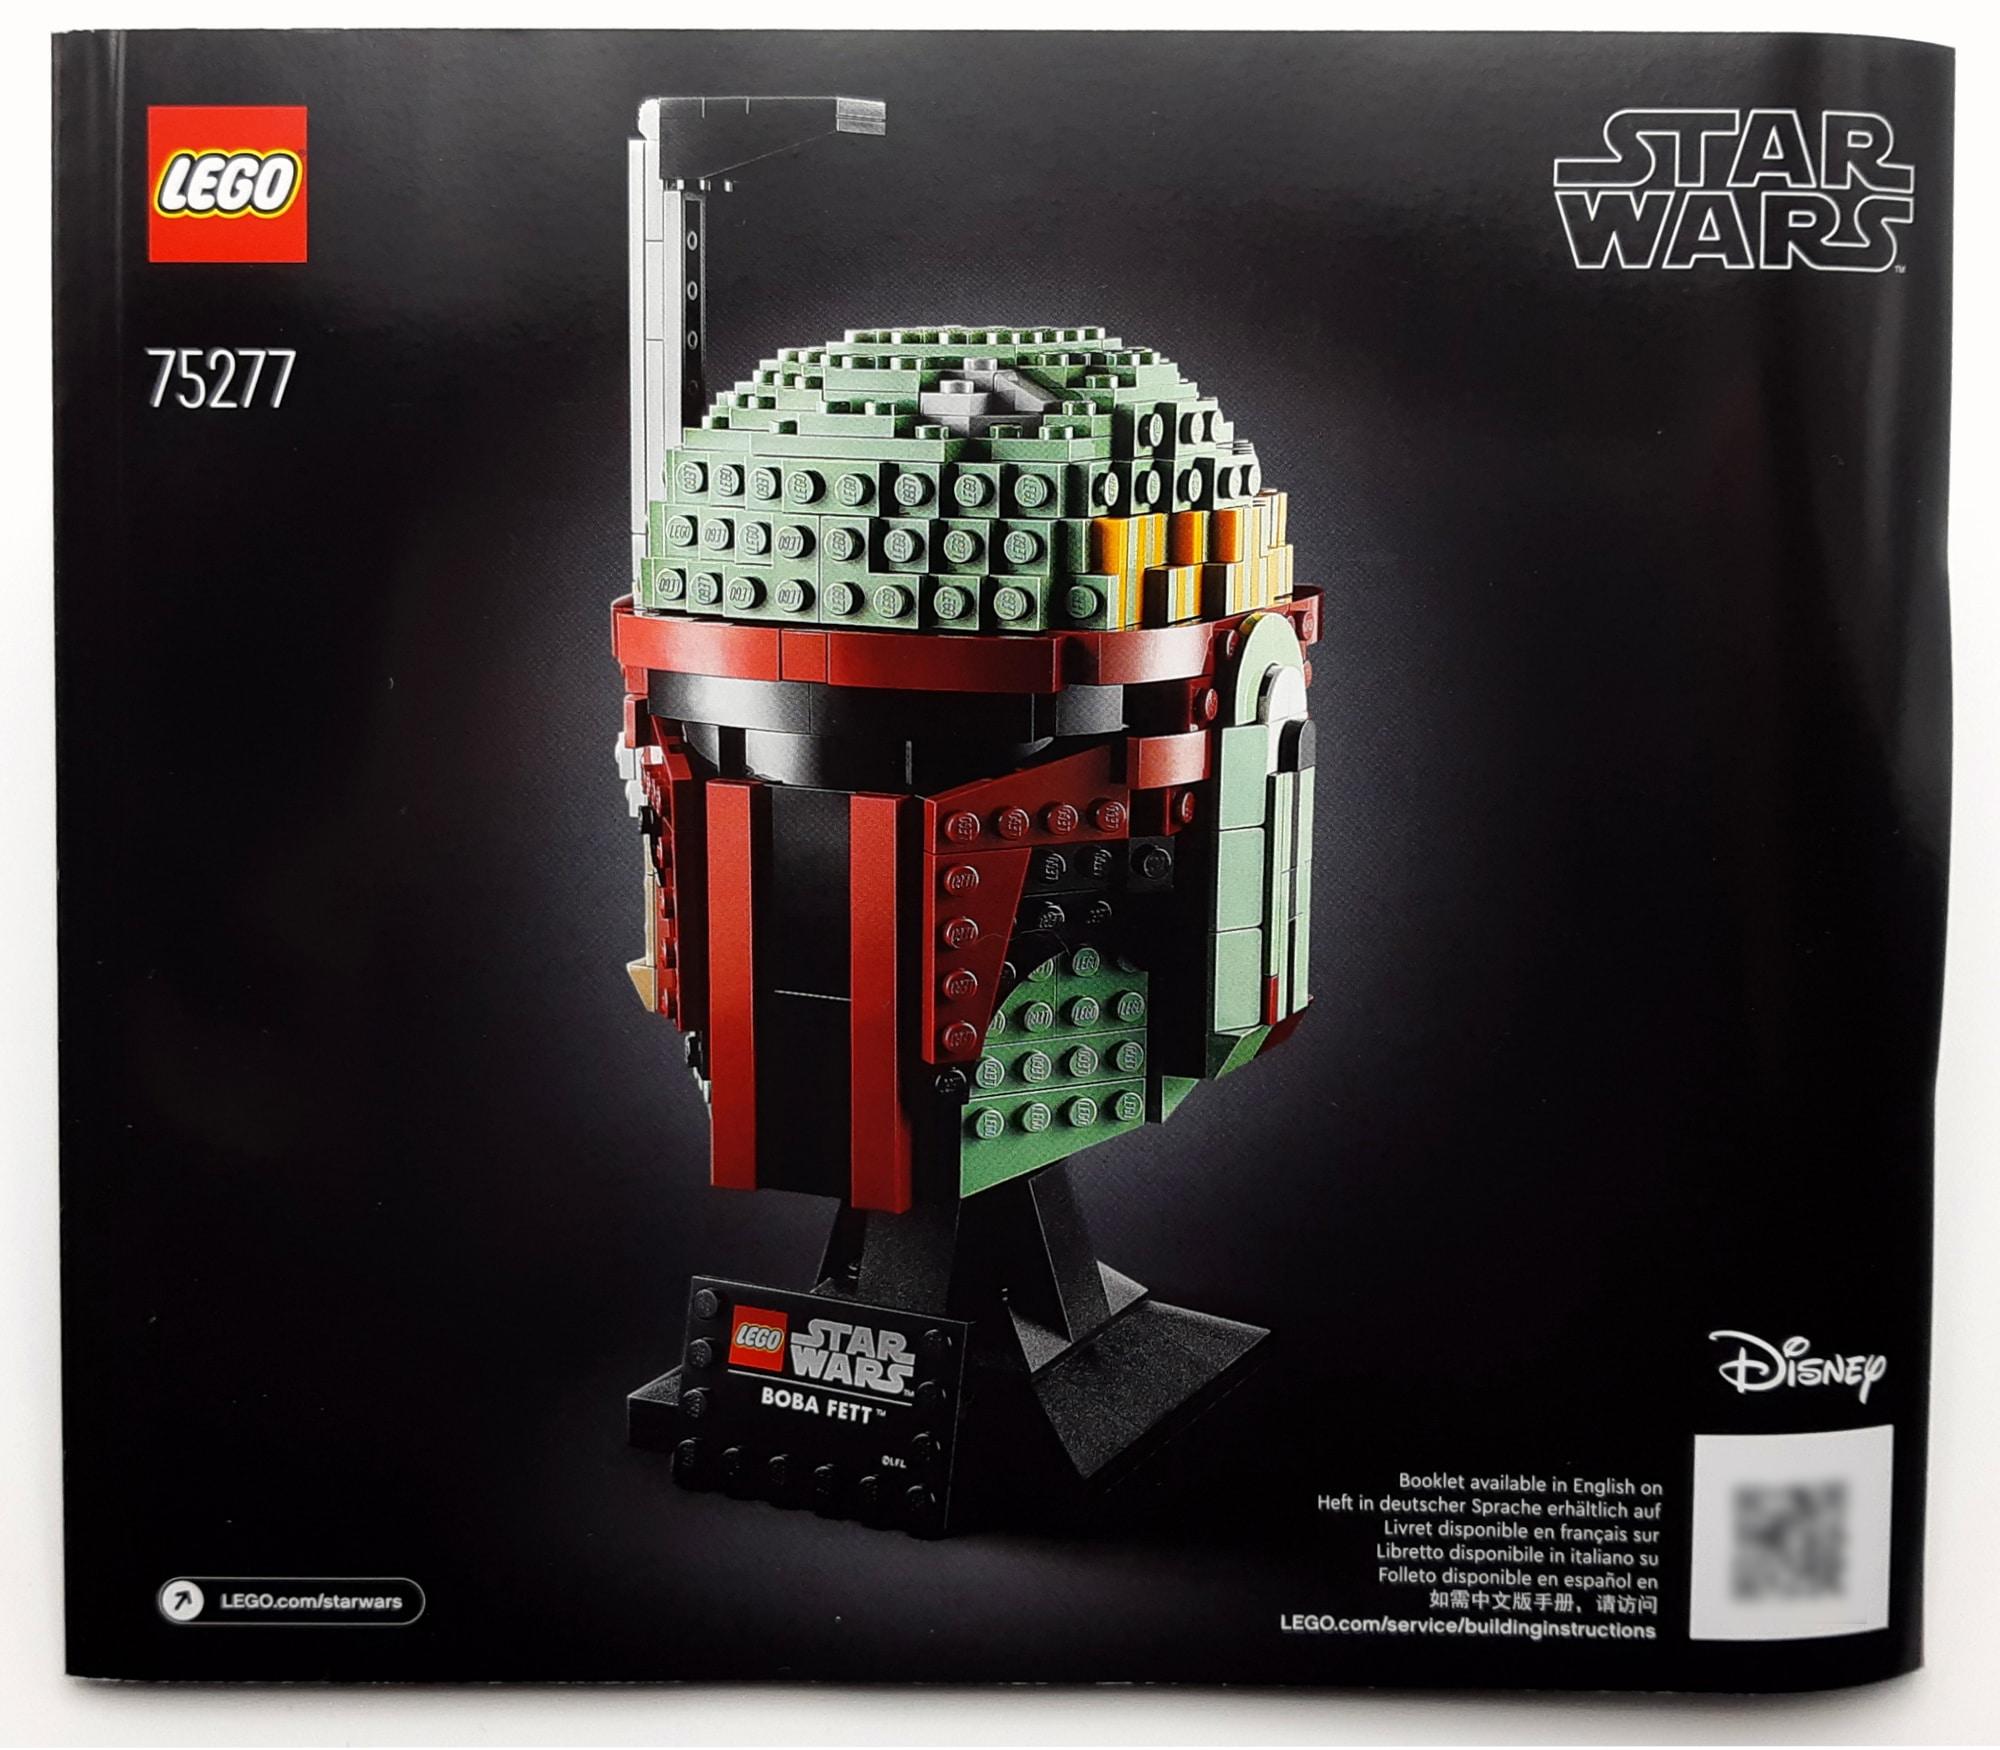 LEGO 75277 Boba Fett Helm Anleitung 1